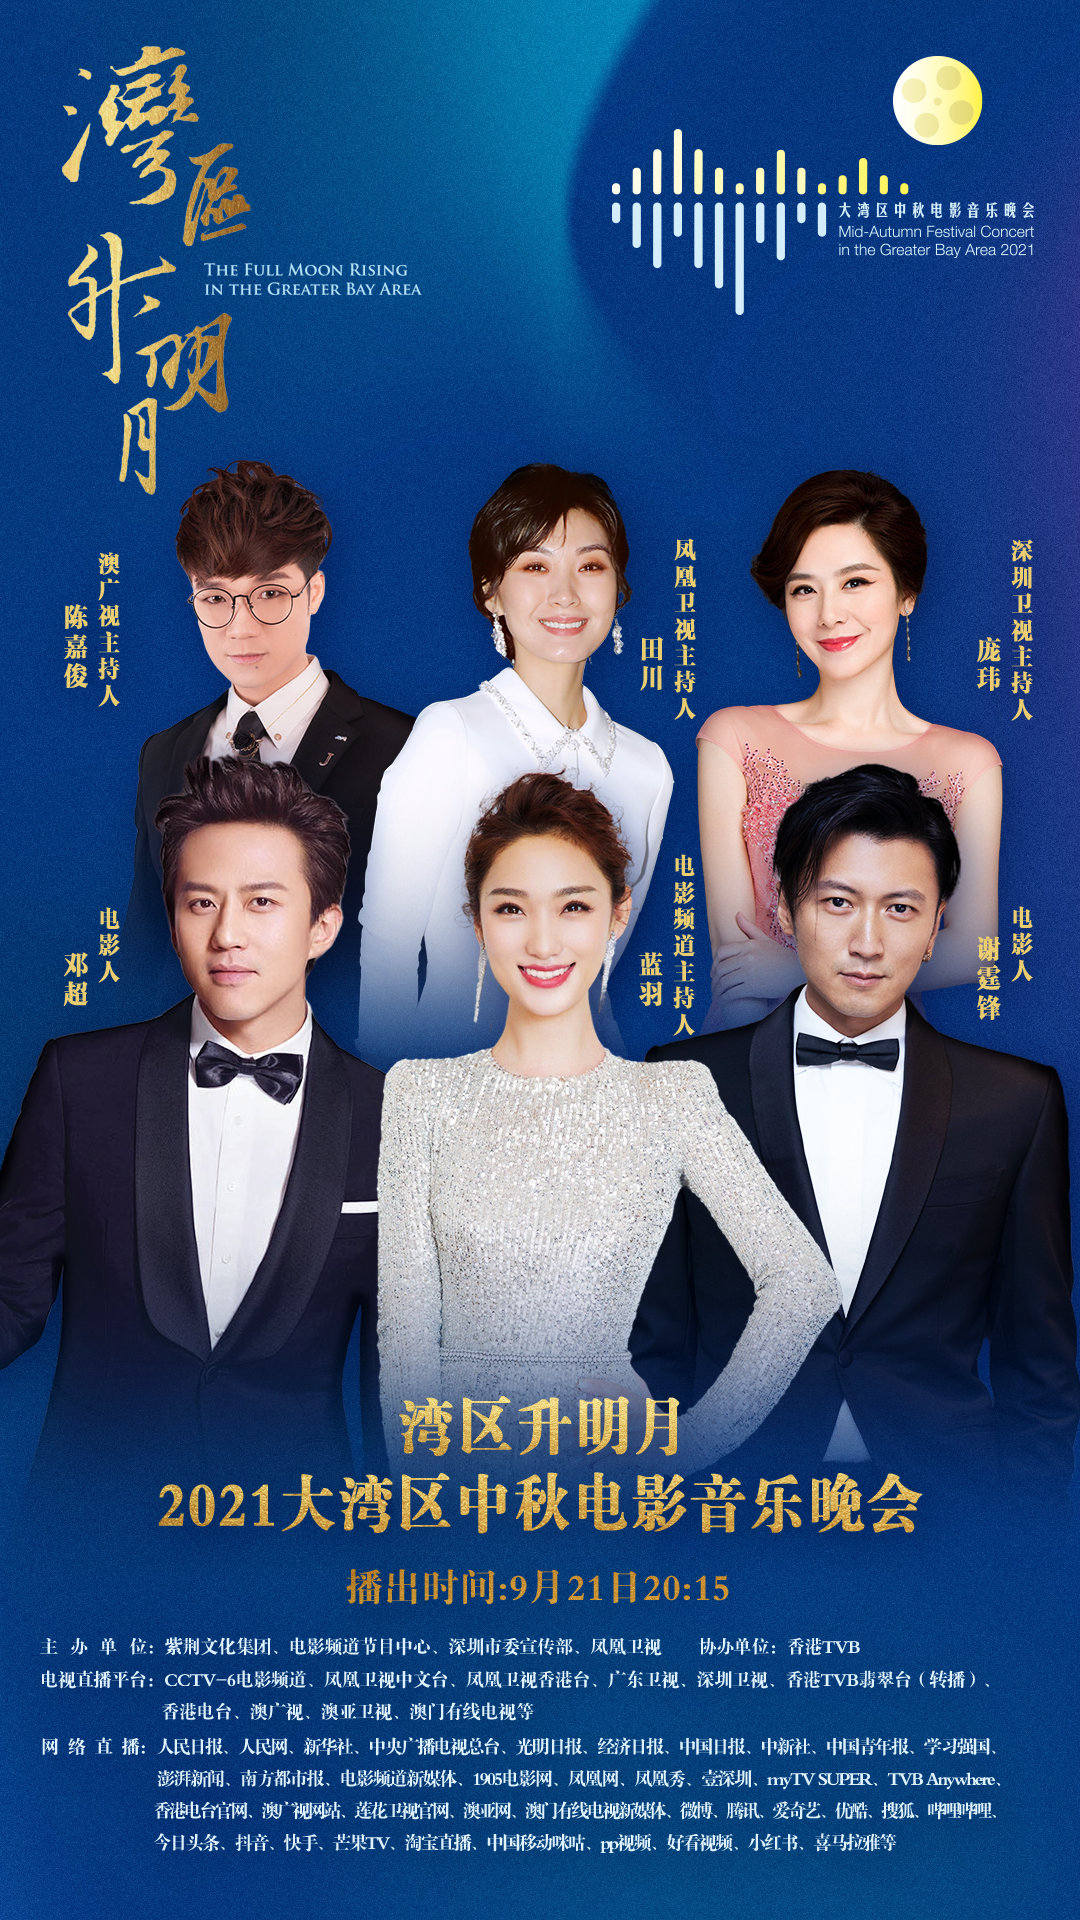 电影频道@主持人蓝羽 、著名电影人@邓超 、谢霆锋